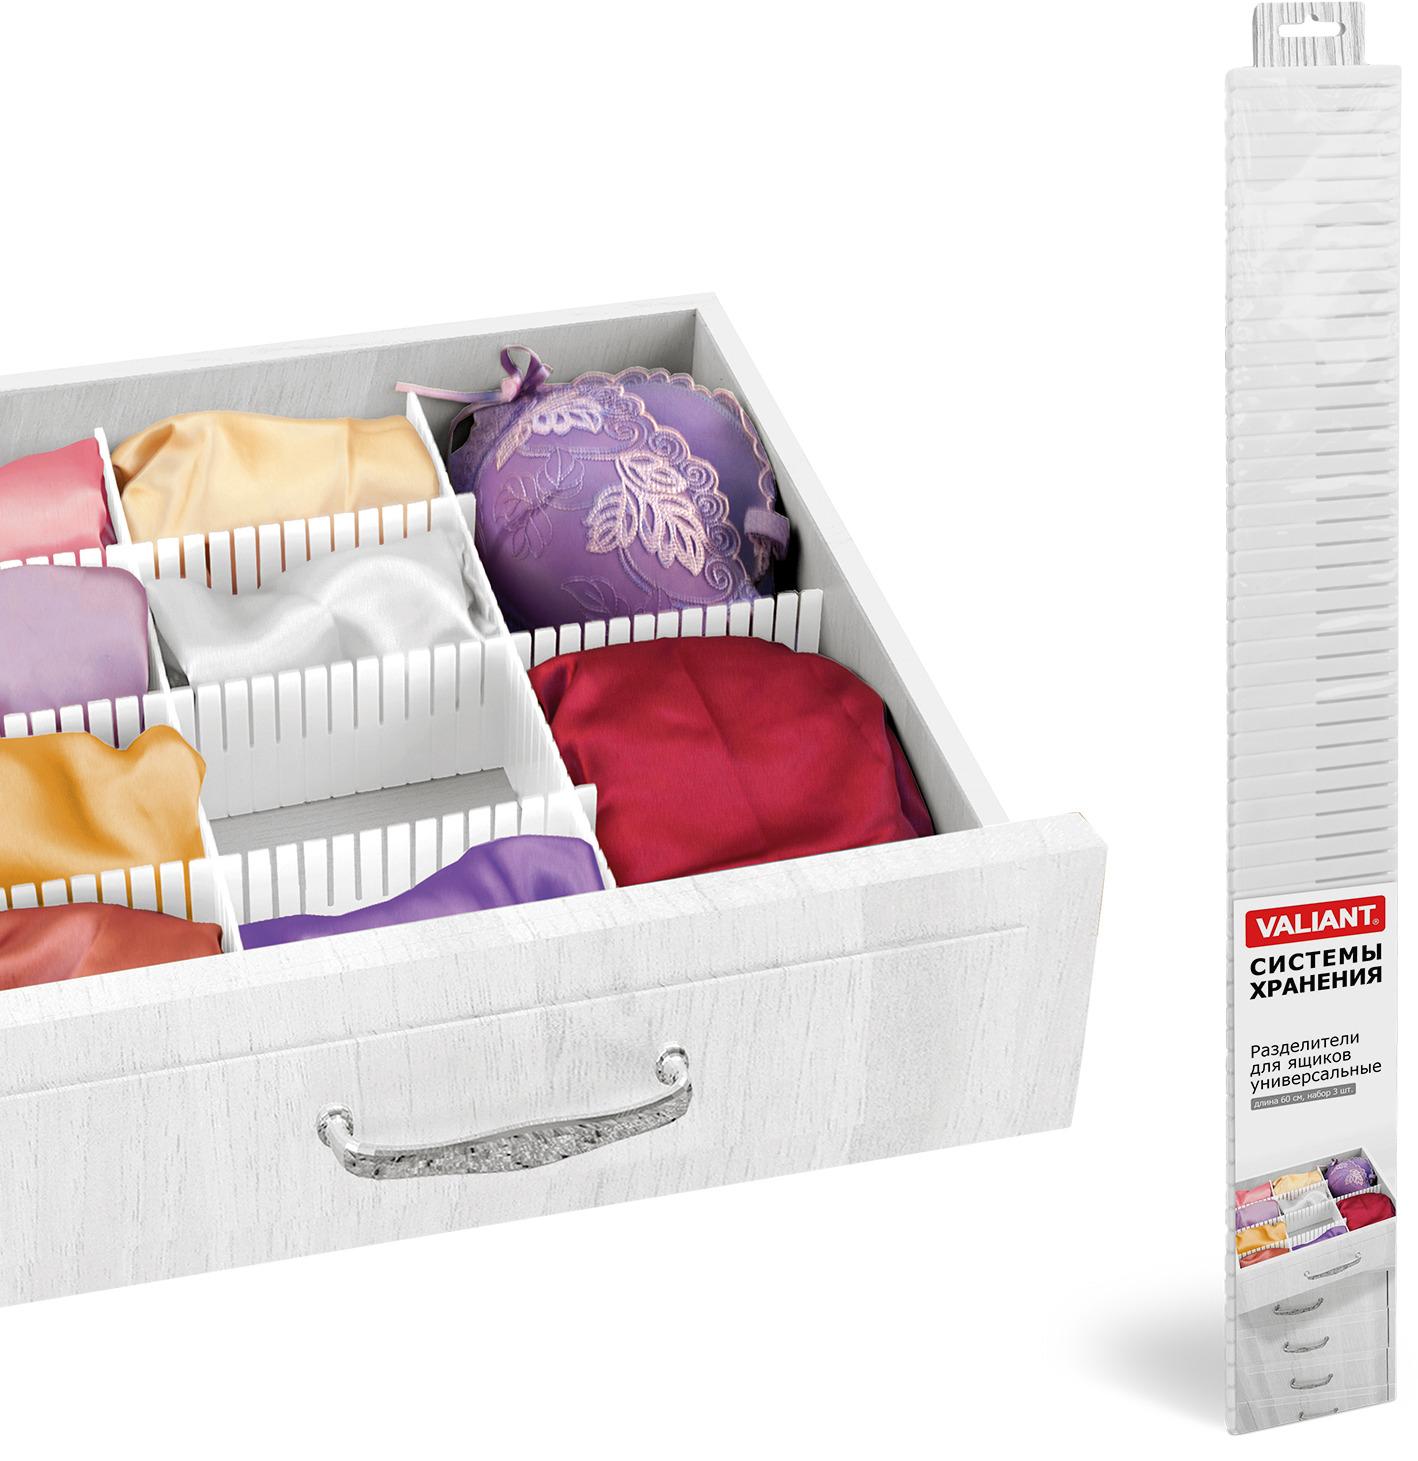 Разделители для ящика Valiant Drawer Organizer, цвет: белый, 60 x 8 см, 3 шт разделители для пальцев dewal синие розовые 8 шт упак